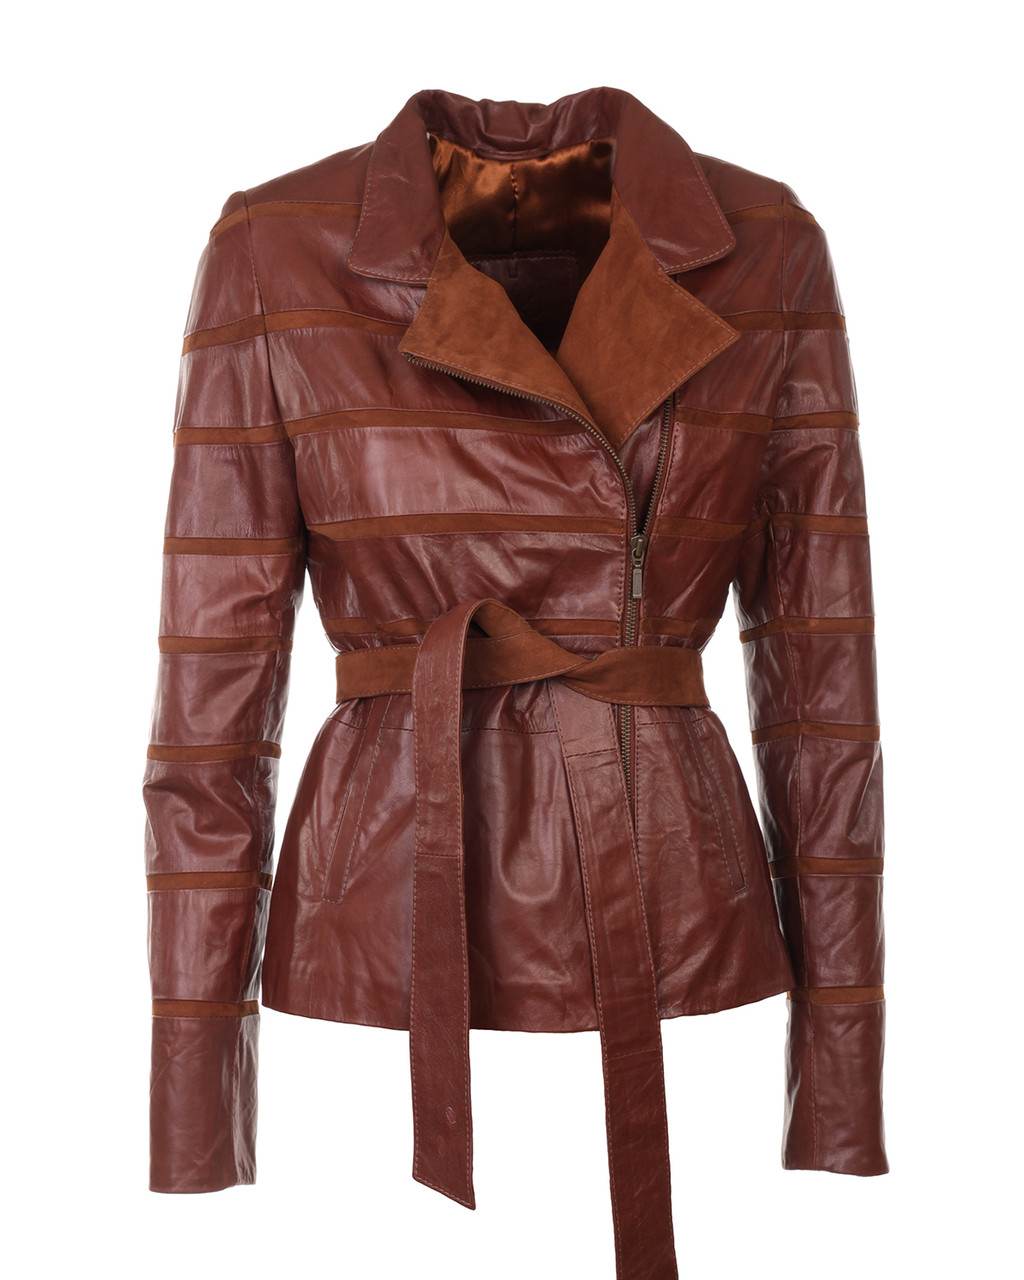 Руда замшева куртка коротка жіноча 44 розміру (Арт. RA-LAN211)